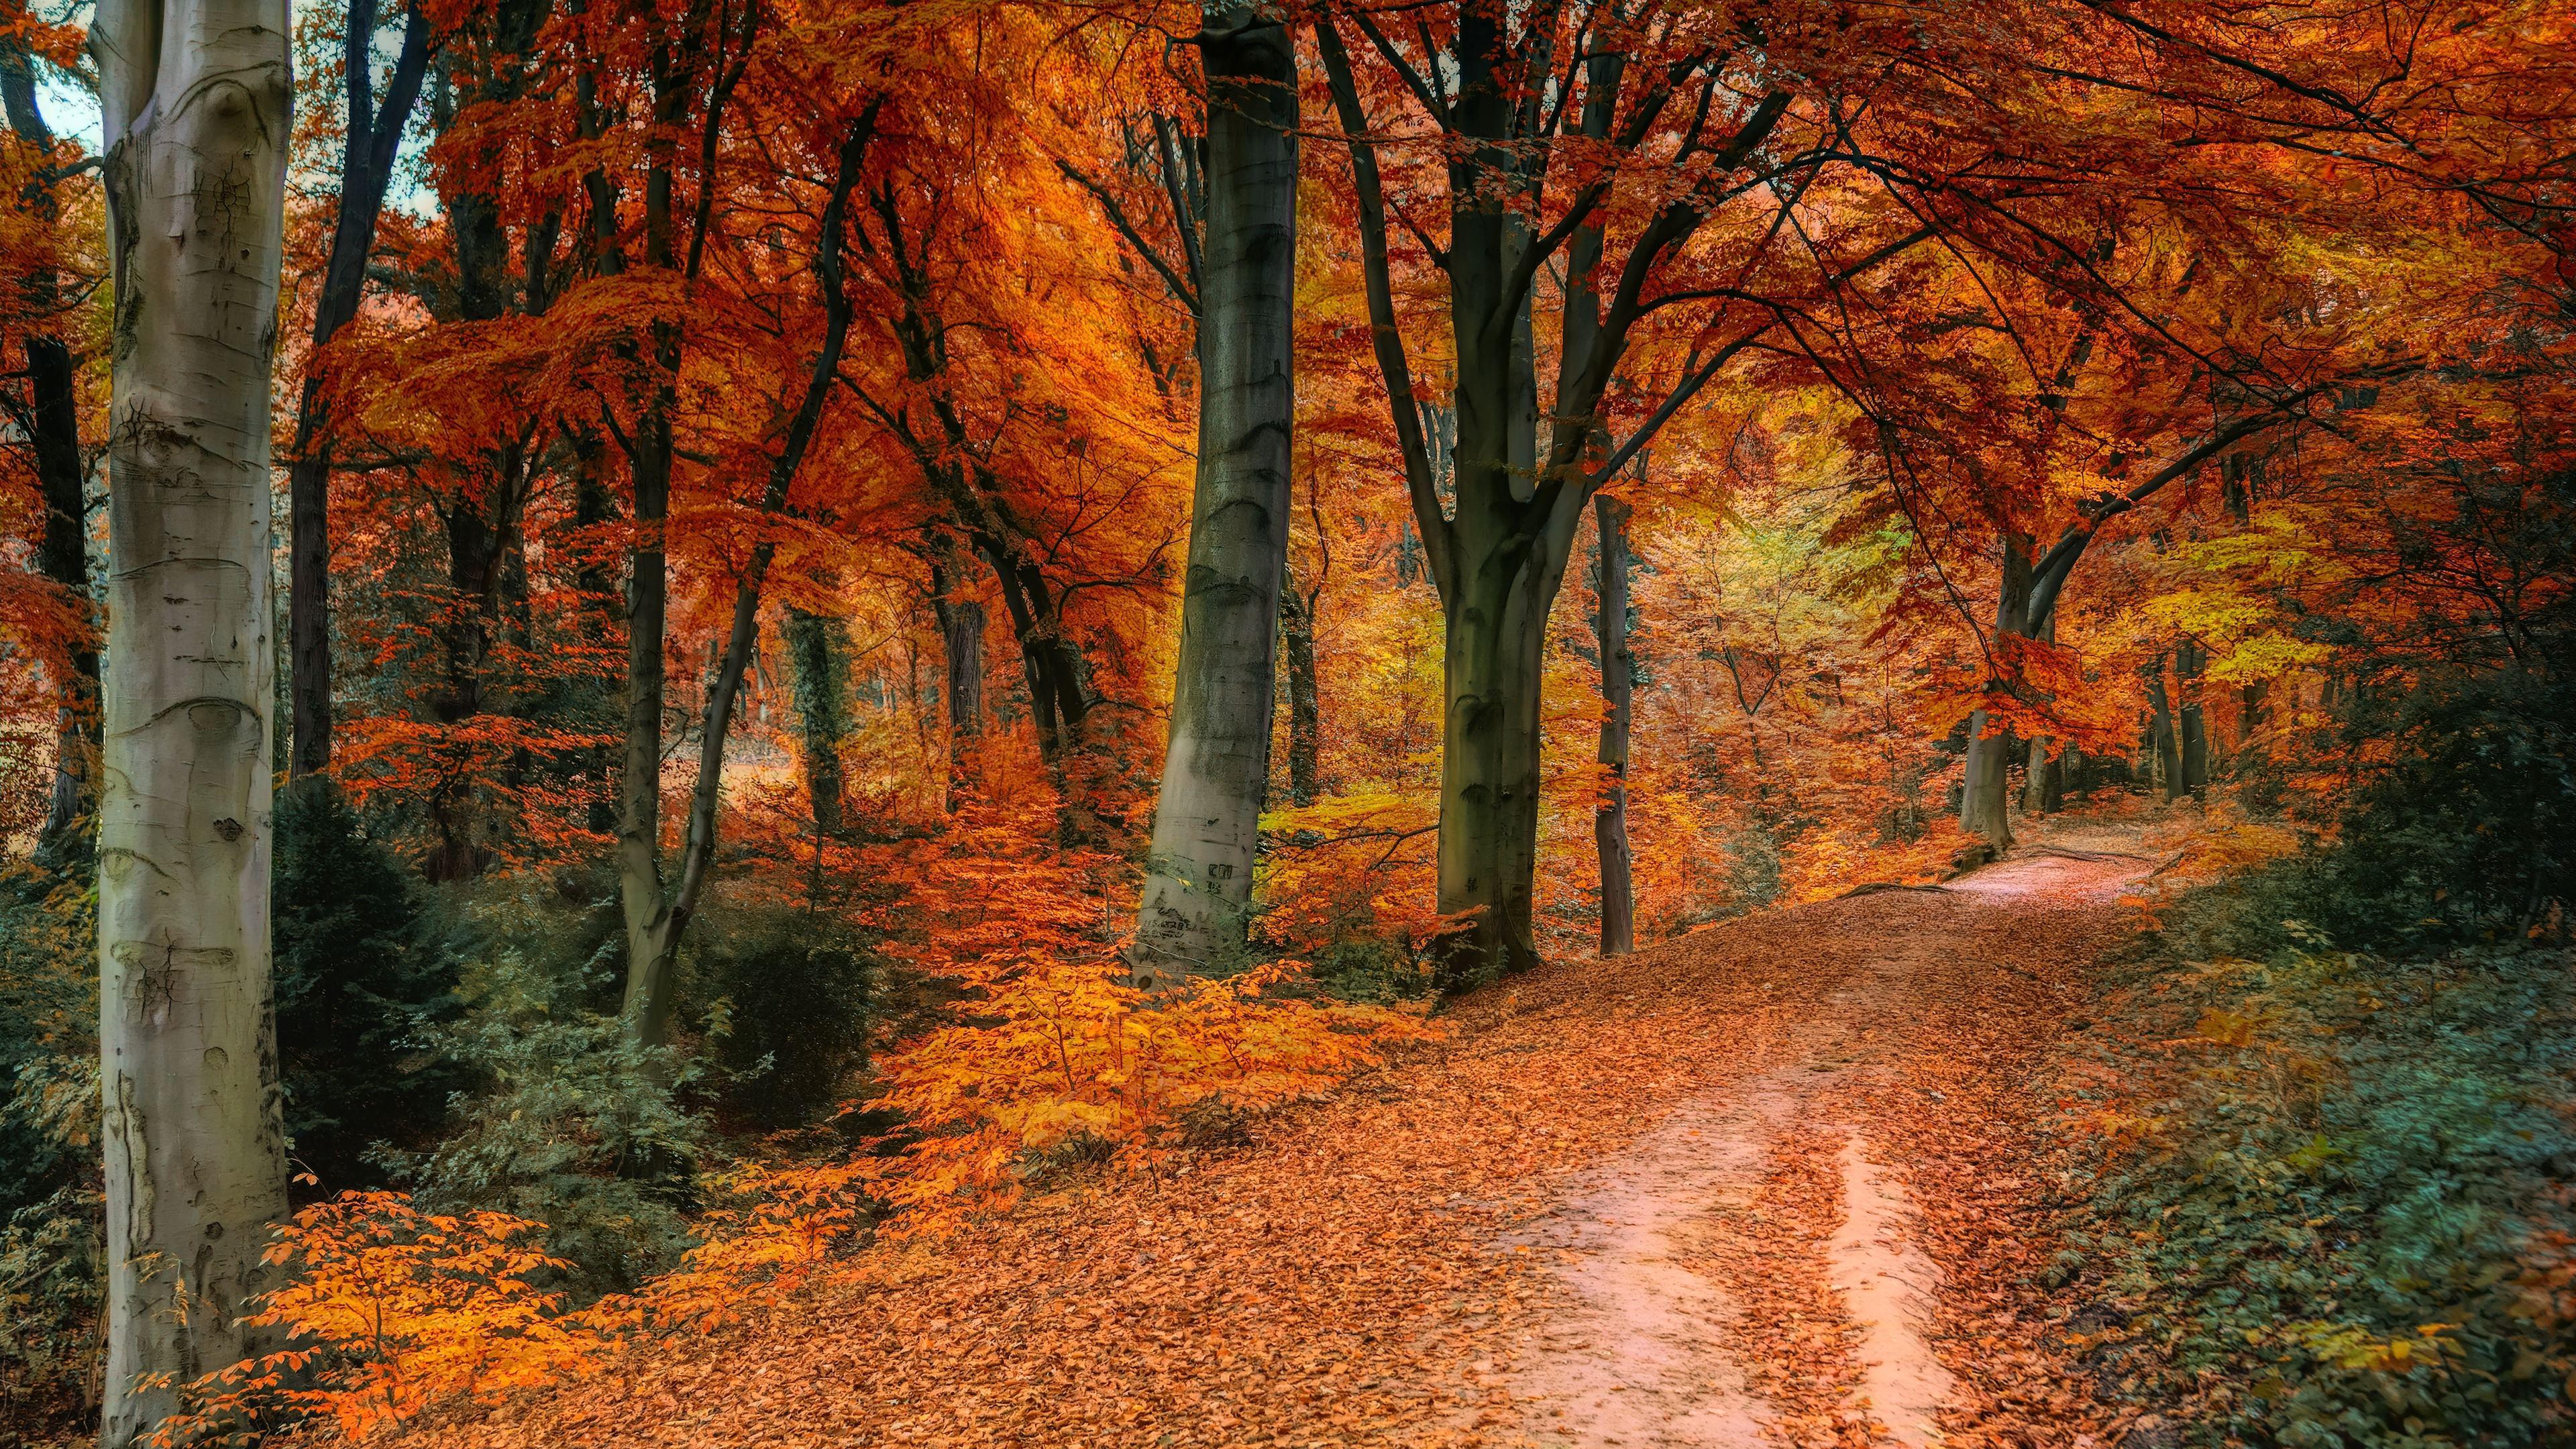 Schöne Herbstbilder Kostenlos : sch ne herbstbilder kostenlos ~ A.2002-acura-tl-radio.info Haus und Dekorationen